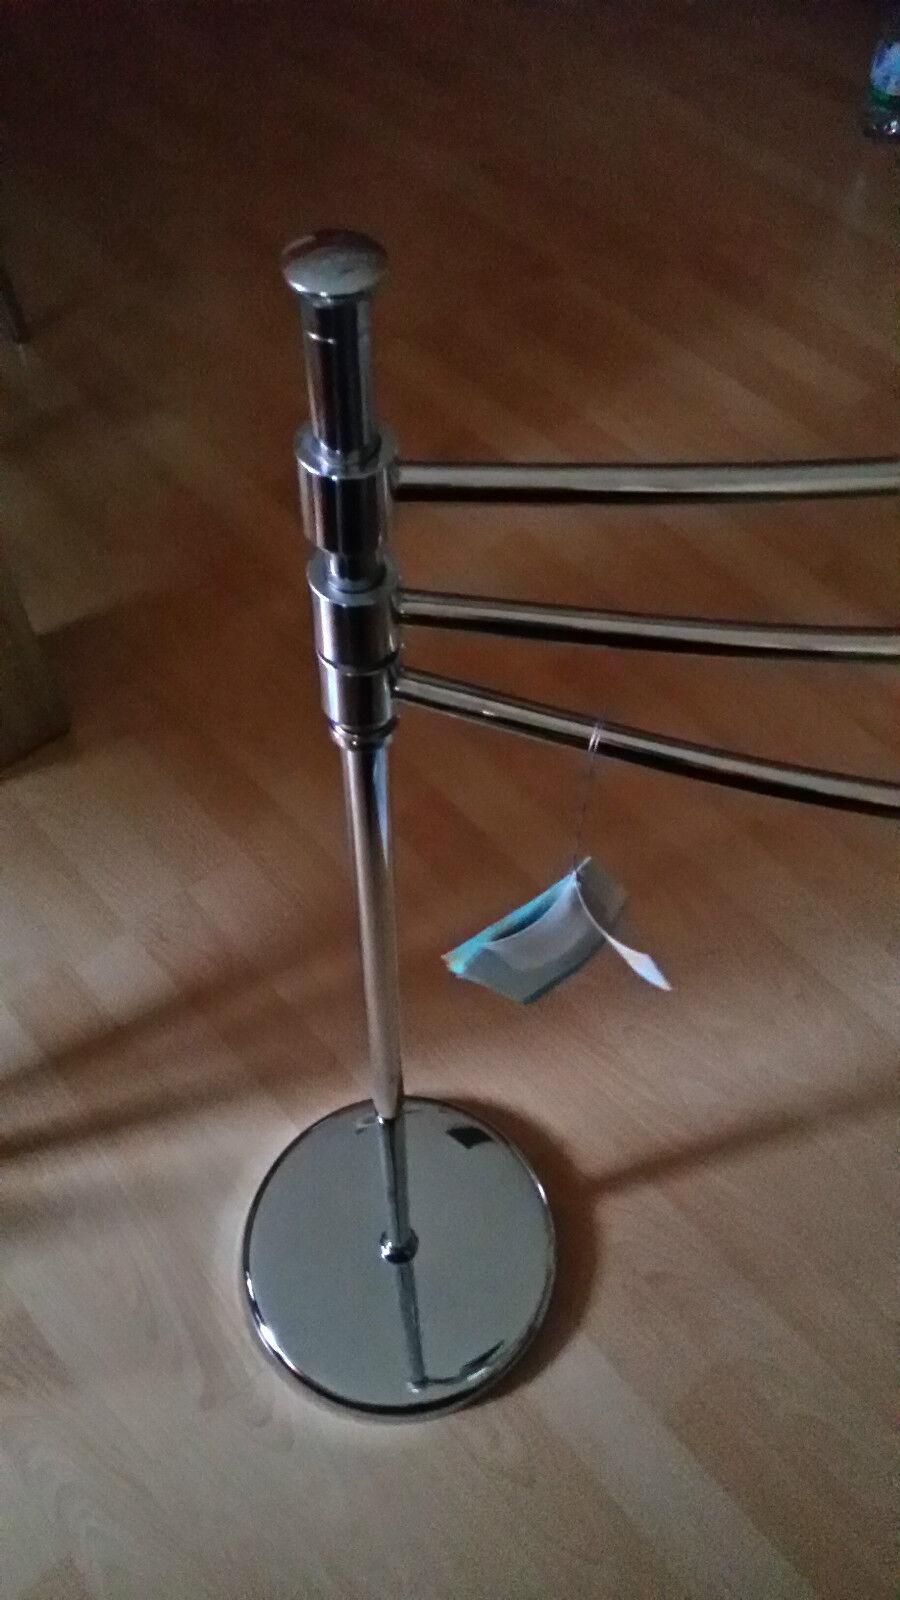 Nicol Torino Handtuchständer chrom  616800 dreiarmig